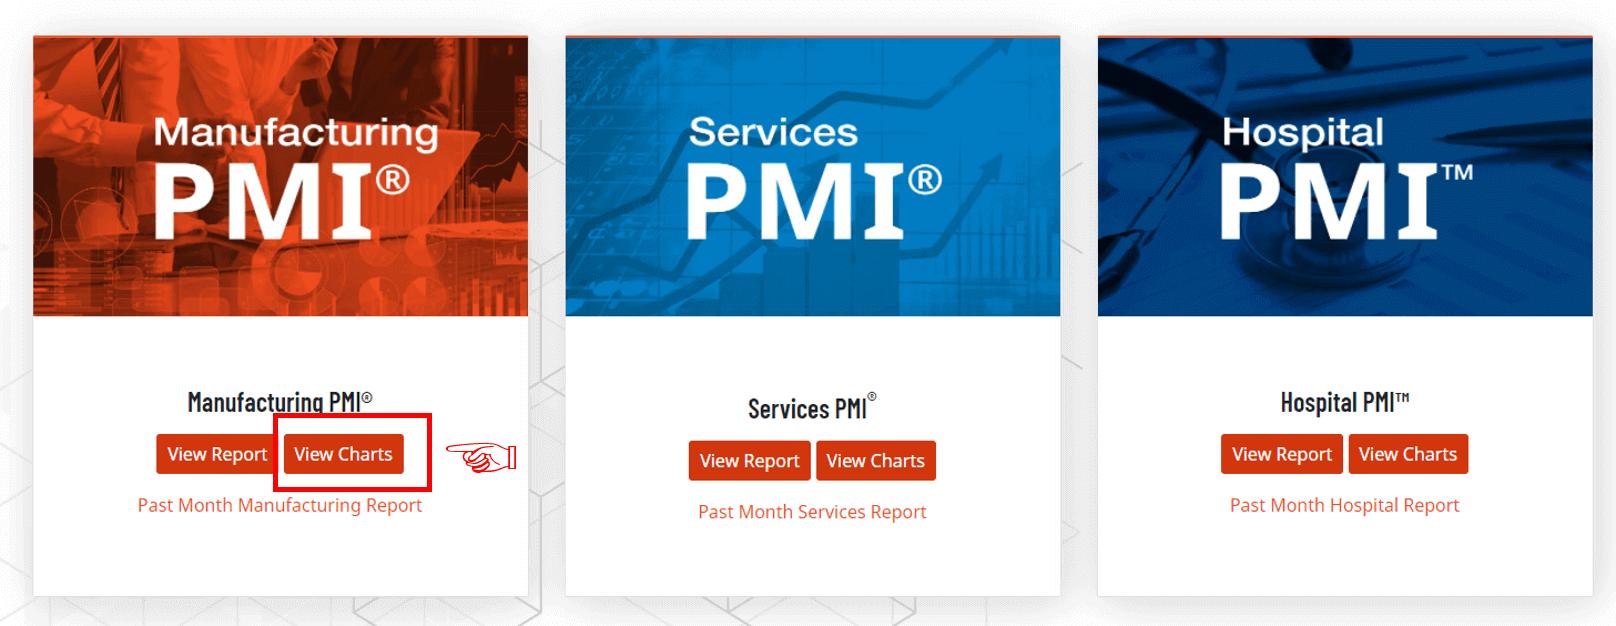 3가지 pmi를 볼 수 있는 화면에서 제조업 pmi를 보려면 어디를 클릭해야하는지 표시한 화면